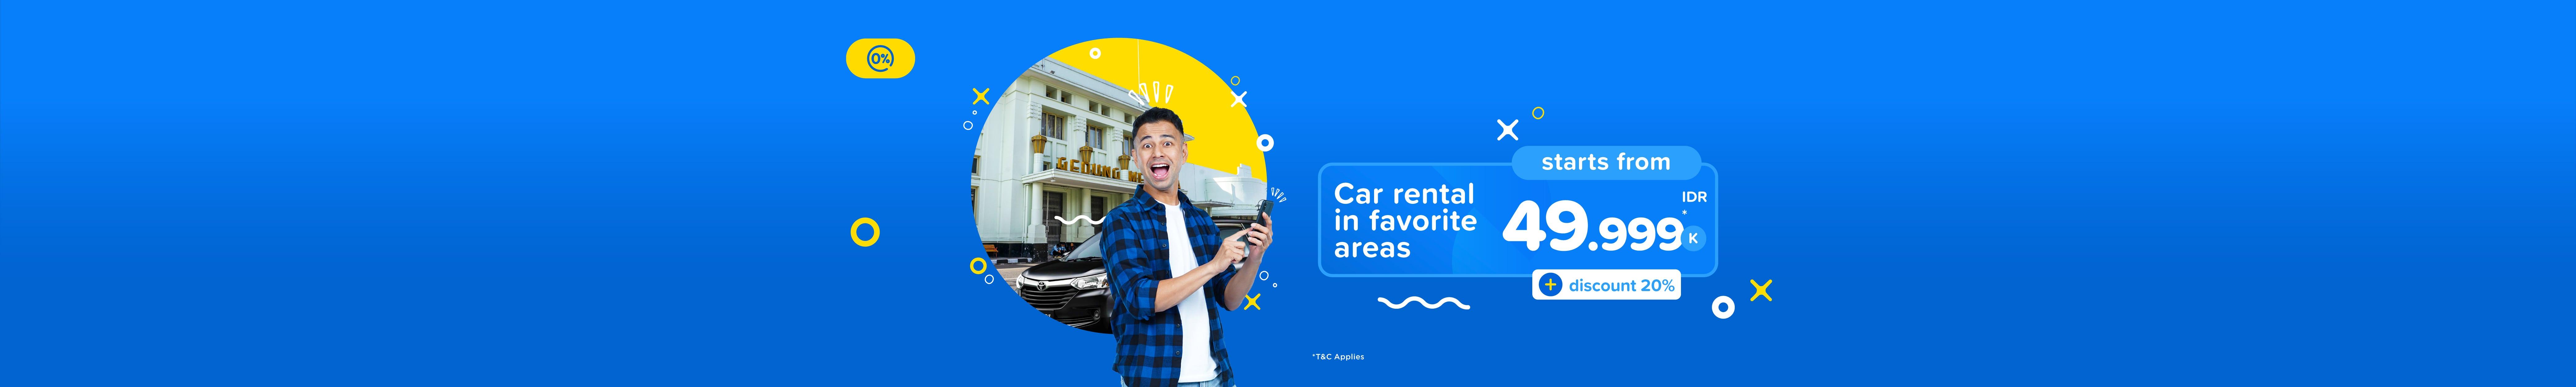 Sewa Mobil di Surabaya Malang Jogja Bandung dan Bali Murah mulai dari 79rb - tiket.com